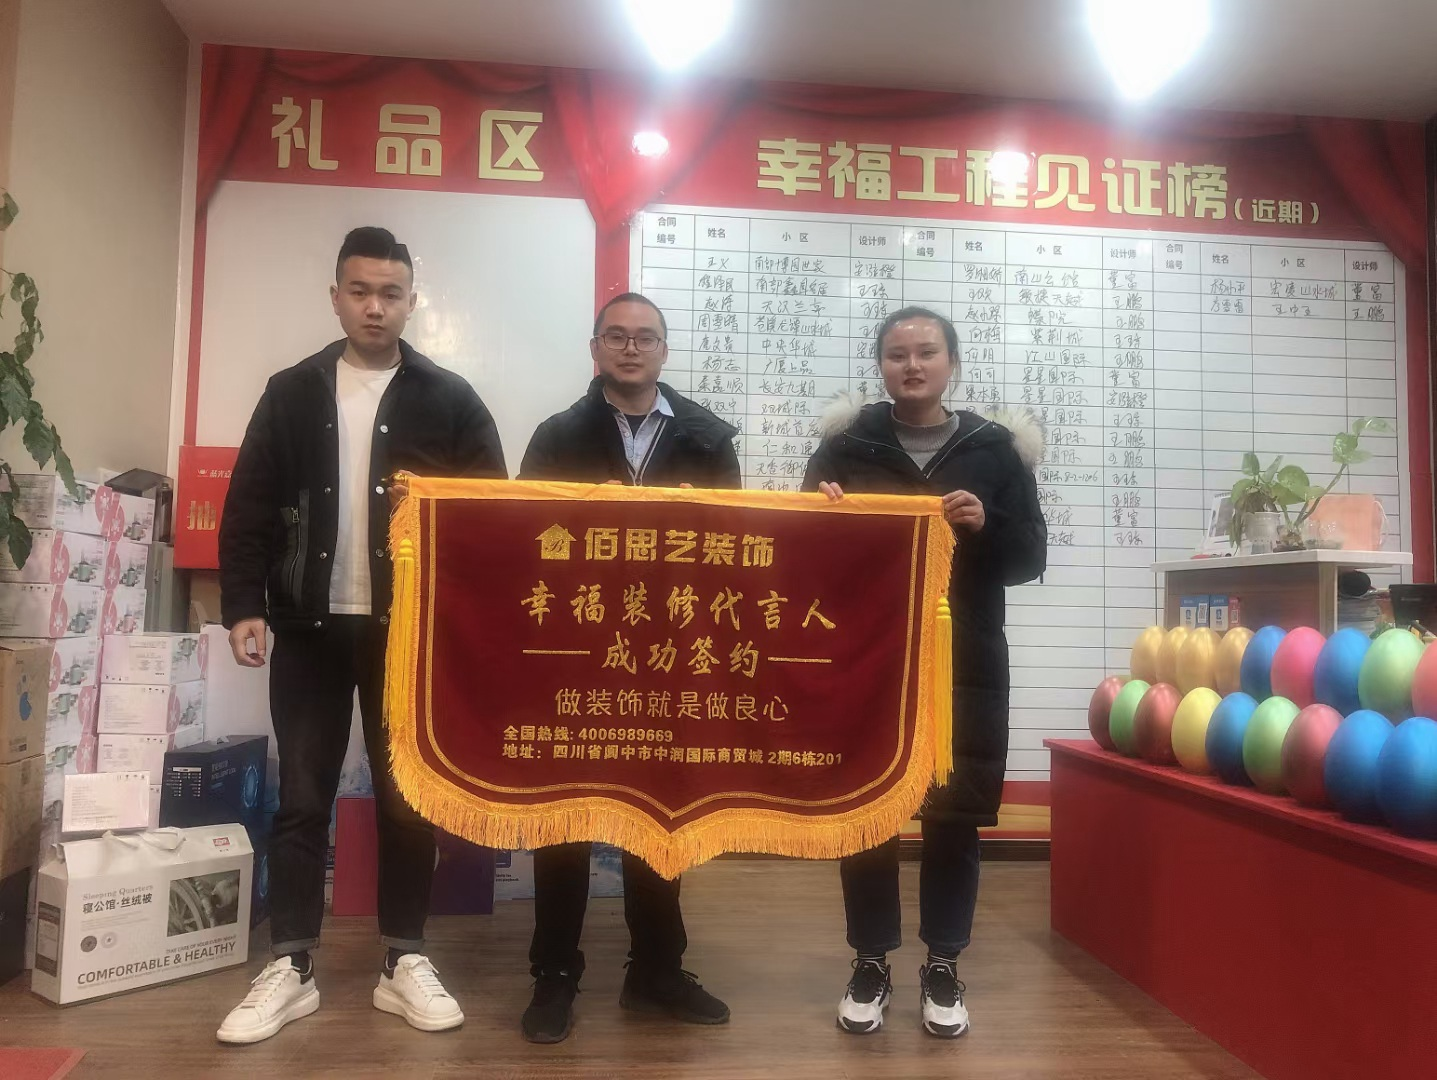 恭祝阆城一品郑先生成功签约佰思艺装饰